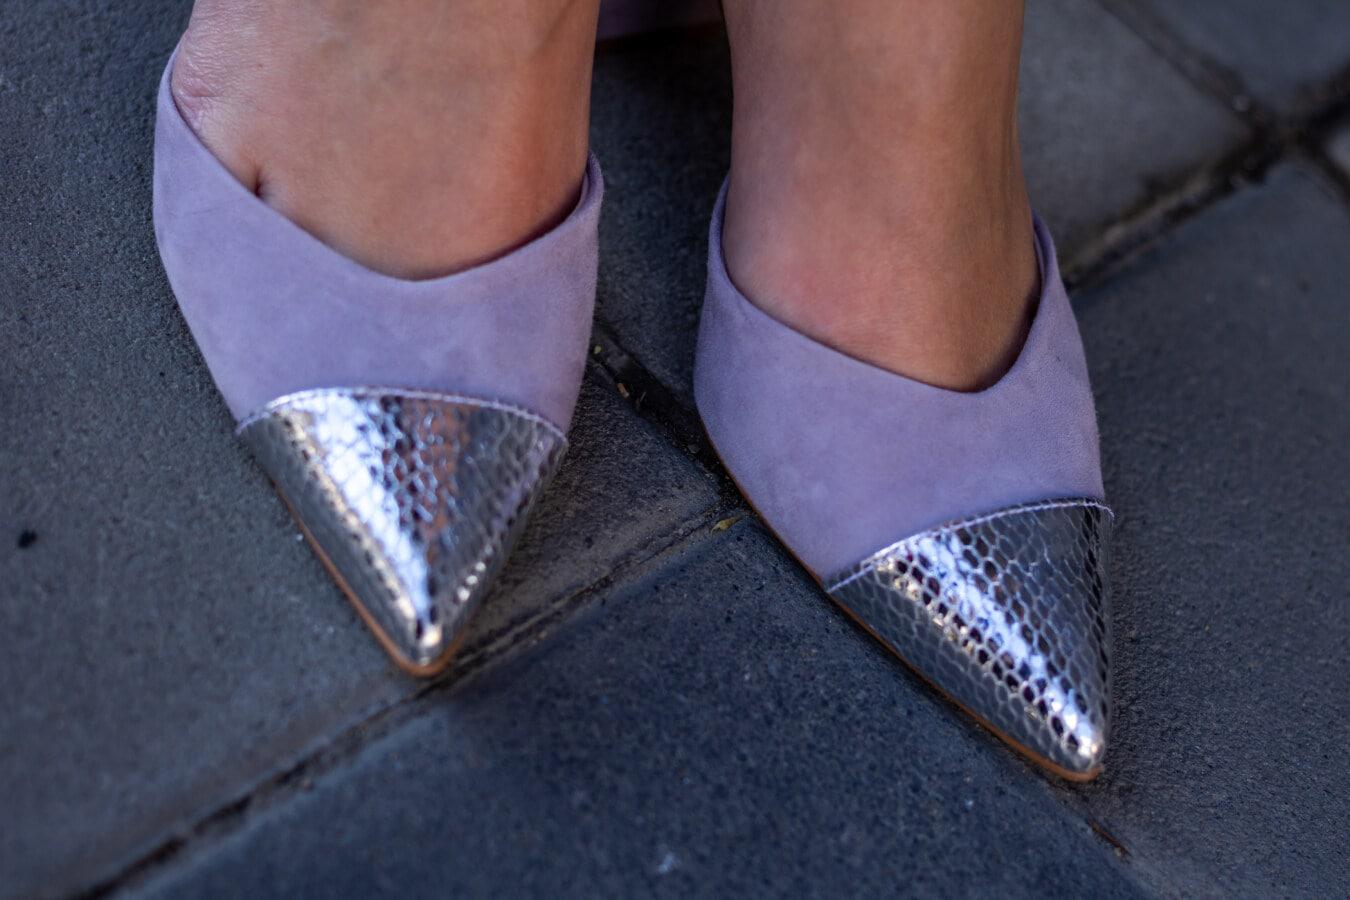 รองเท้าแตะ, คลาสสิก, ส่องแสง, ขา, ฟุต, ทางเท้า, แฟชั่น, ลักษณะ, สง่างาม, ร่างกาย